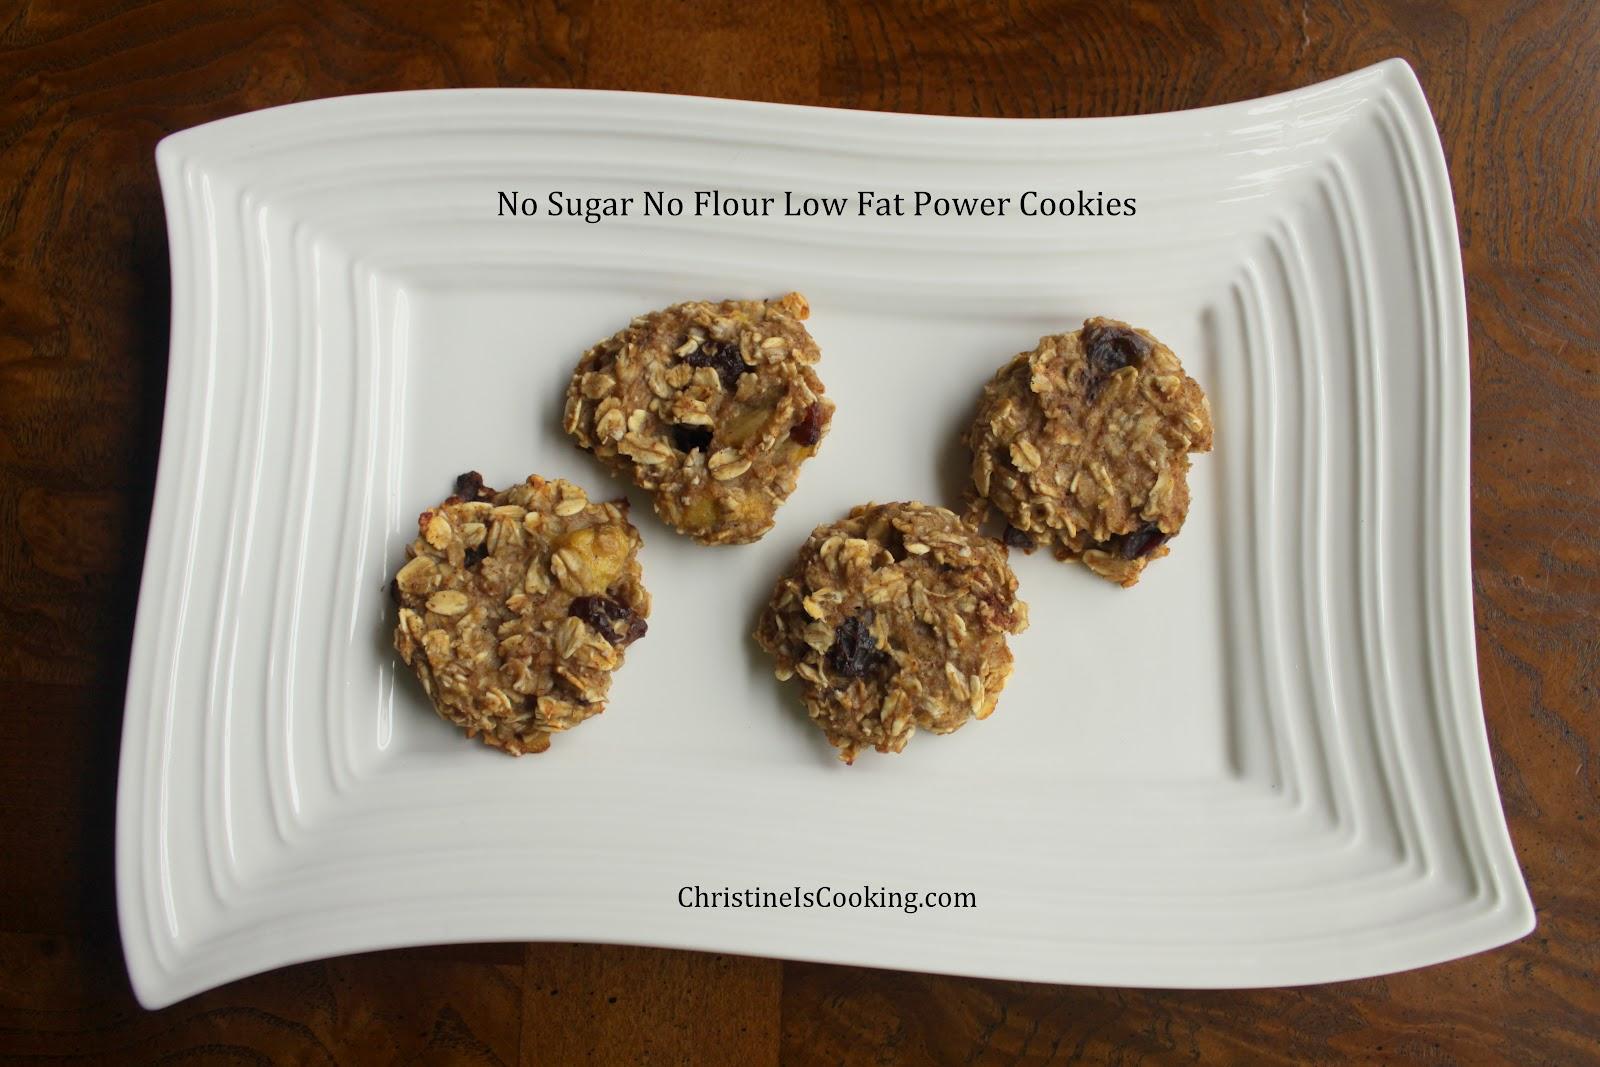 ChristineIsCooking.com: No Sugar No Flour Low Fat Power Cookies